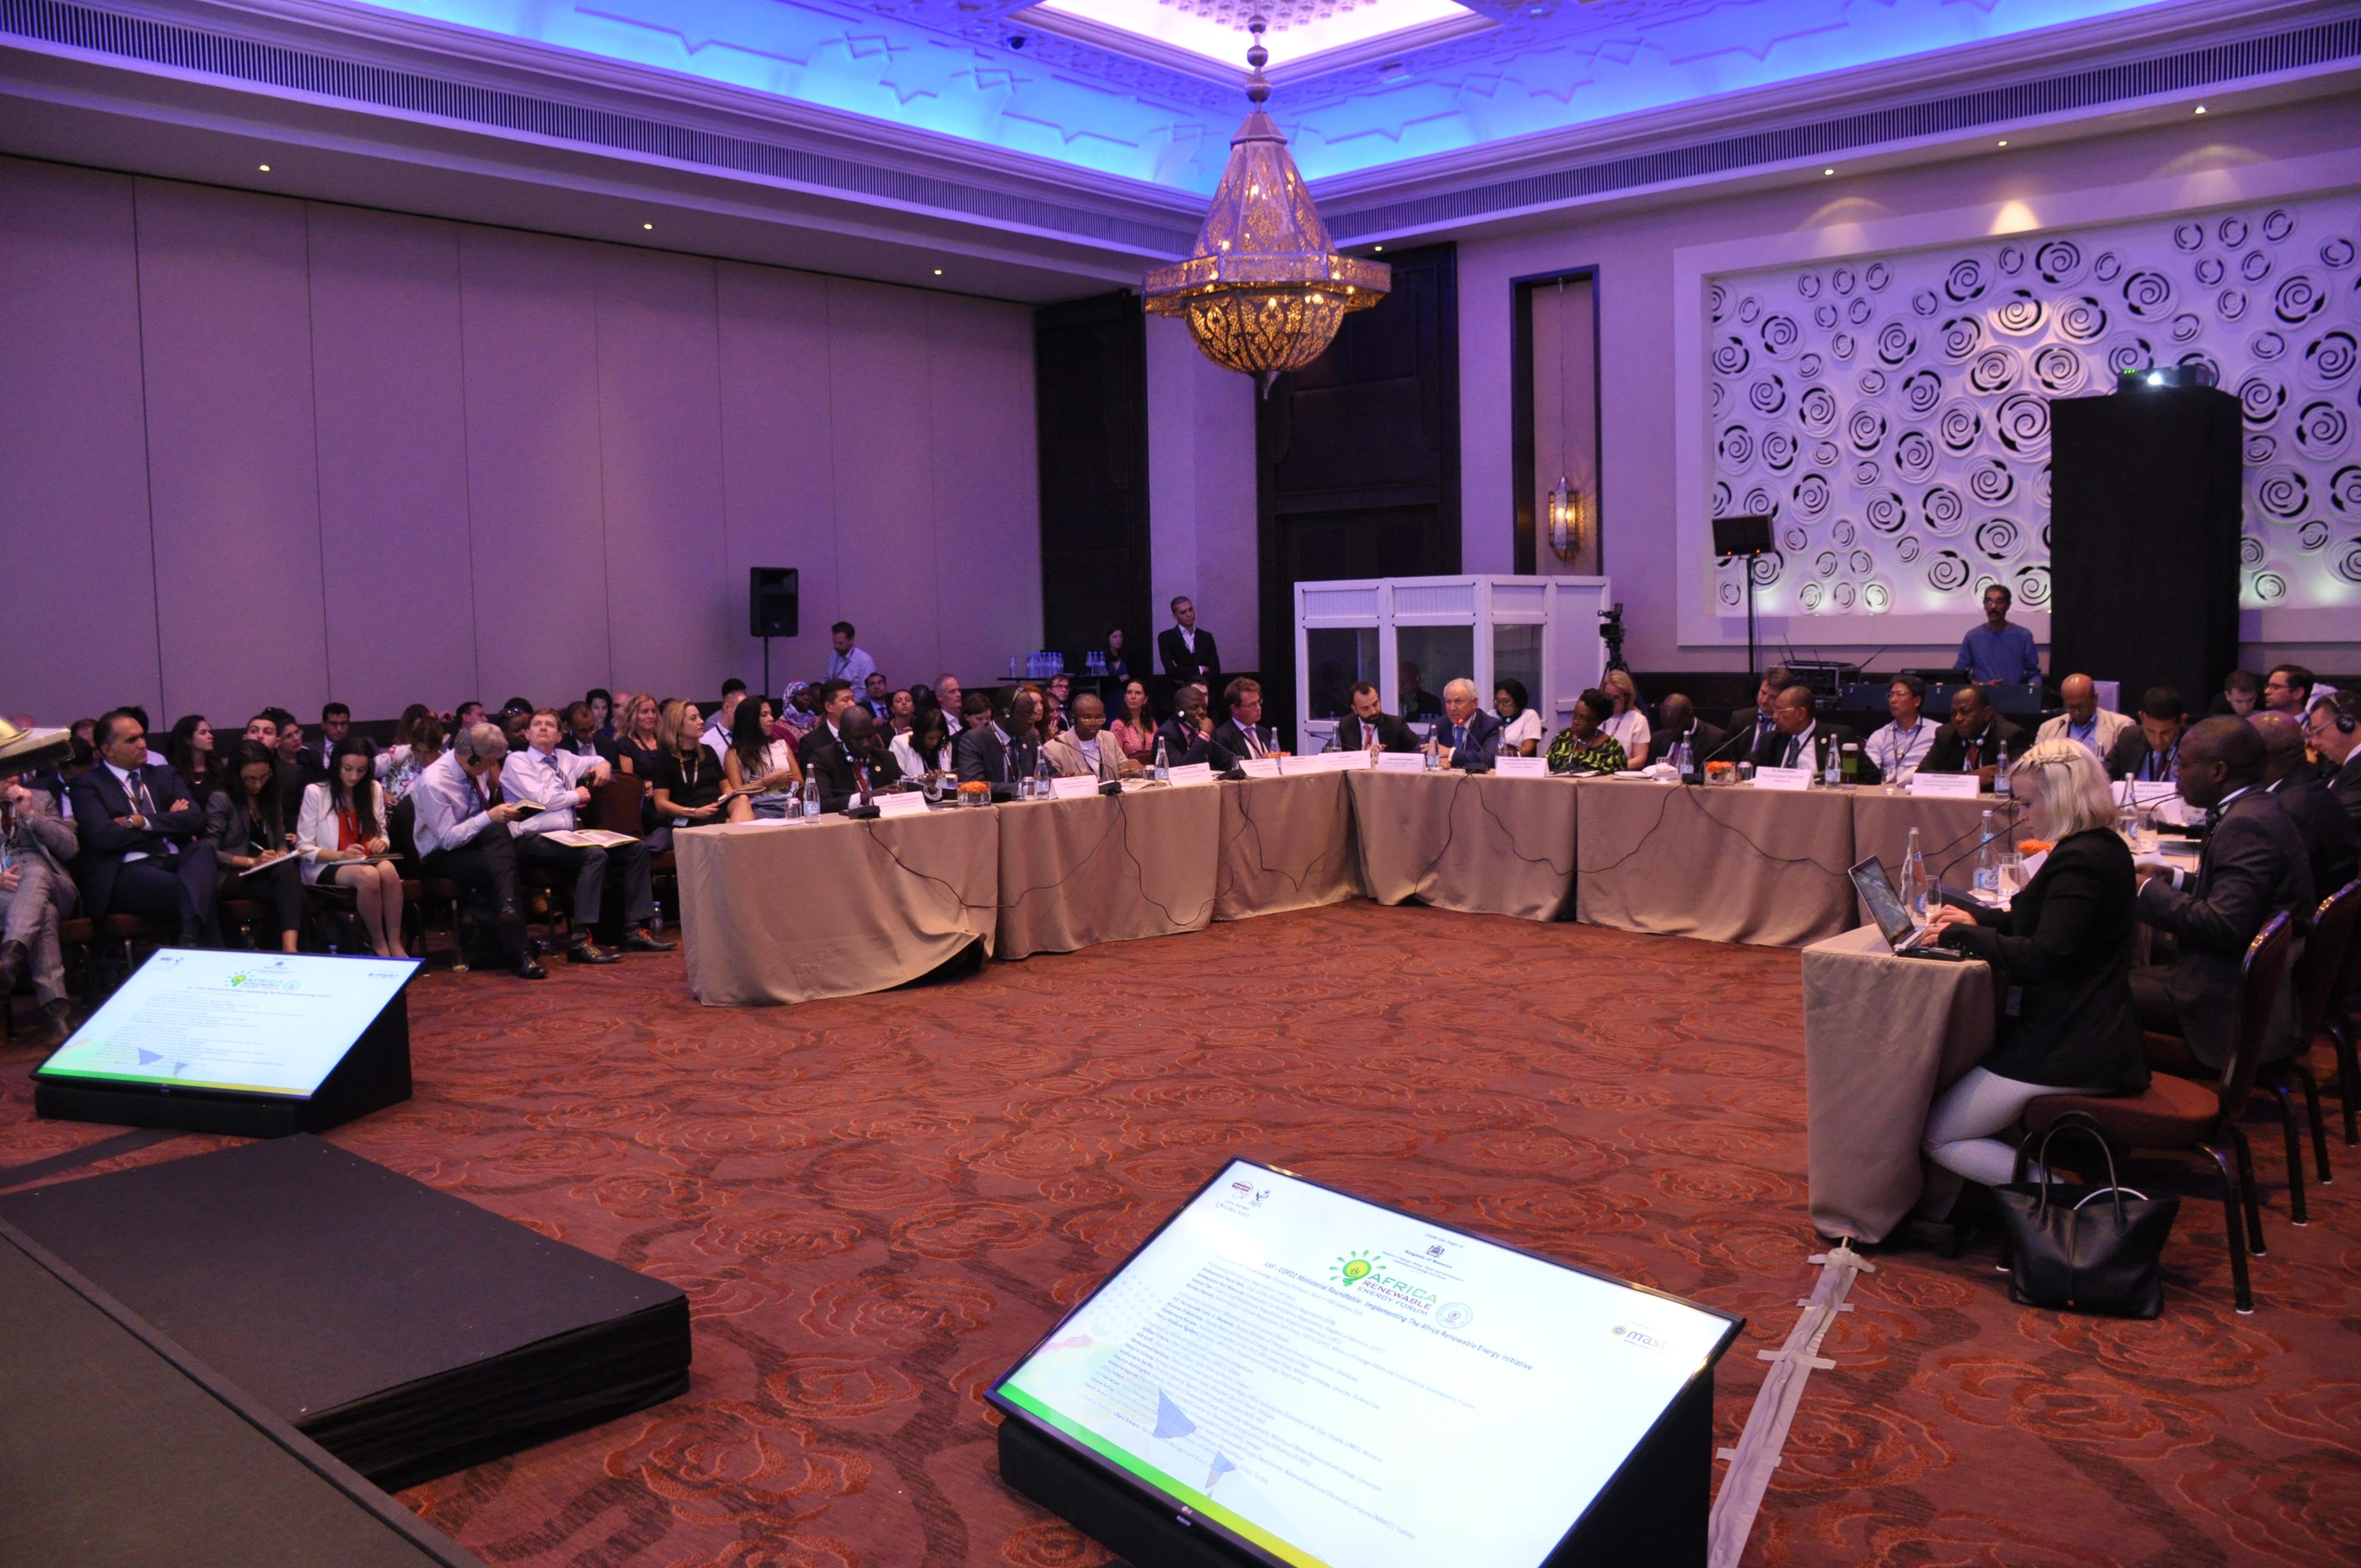 Le ministre marocain de l'Énergie, des Mines et du Développement durable accueillera les dirigeants africains du secteur de l'Énergie à Casablanca au mois de novembre prochain [2] (Source: EnergyNet Ltd)